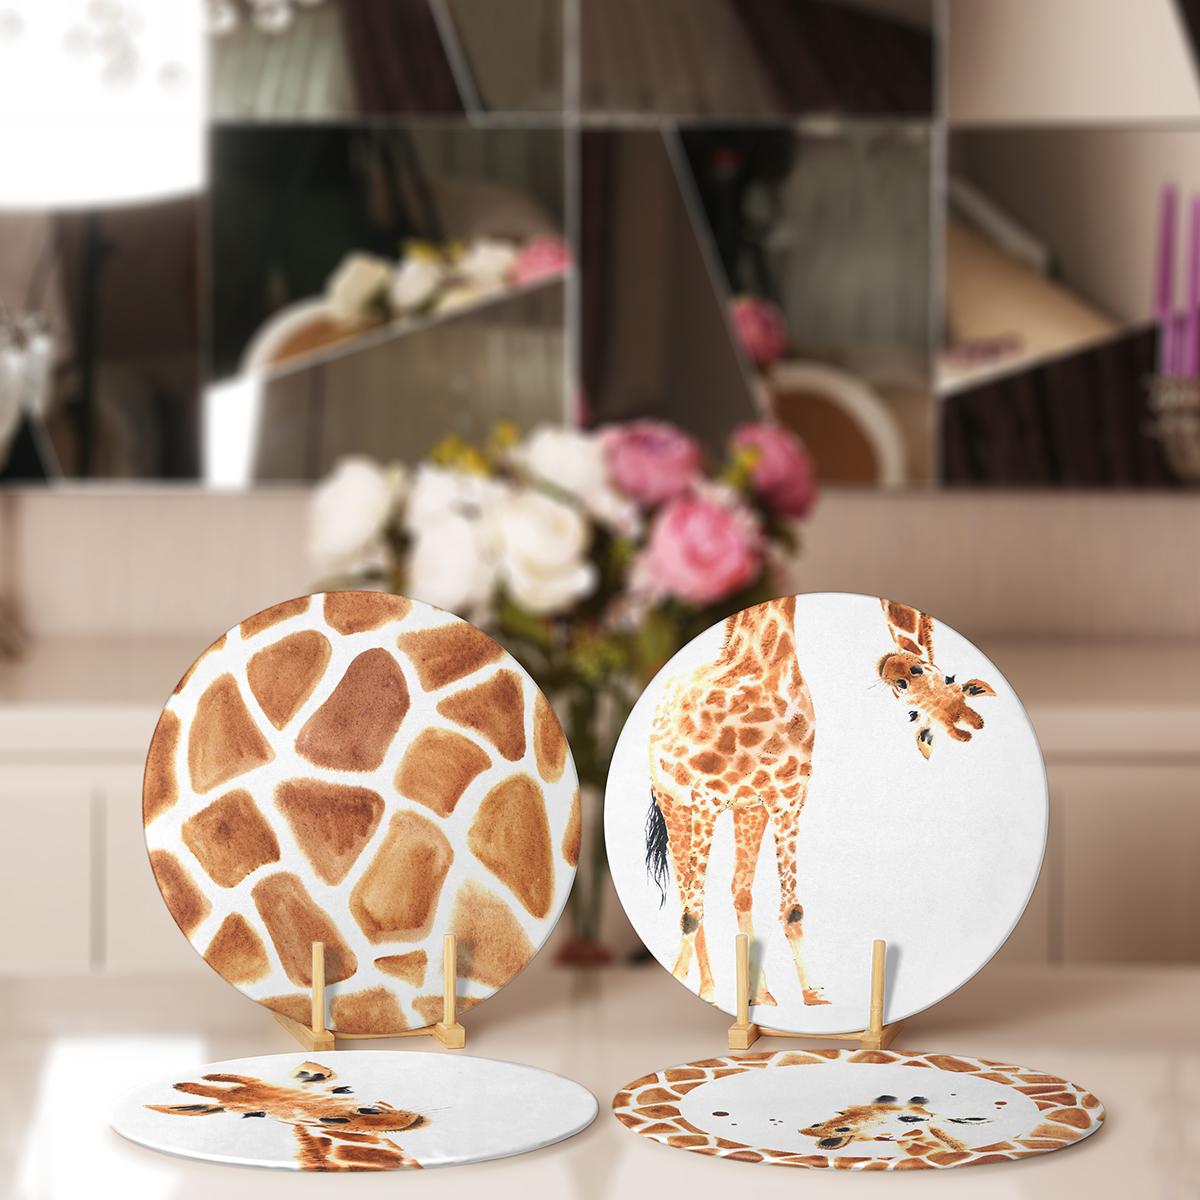 4'lü Özel Çizim Zürafa Tasarımlı Servis Altlığı & Supla Realhomes